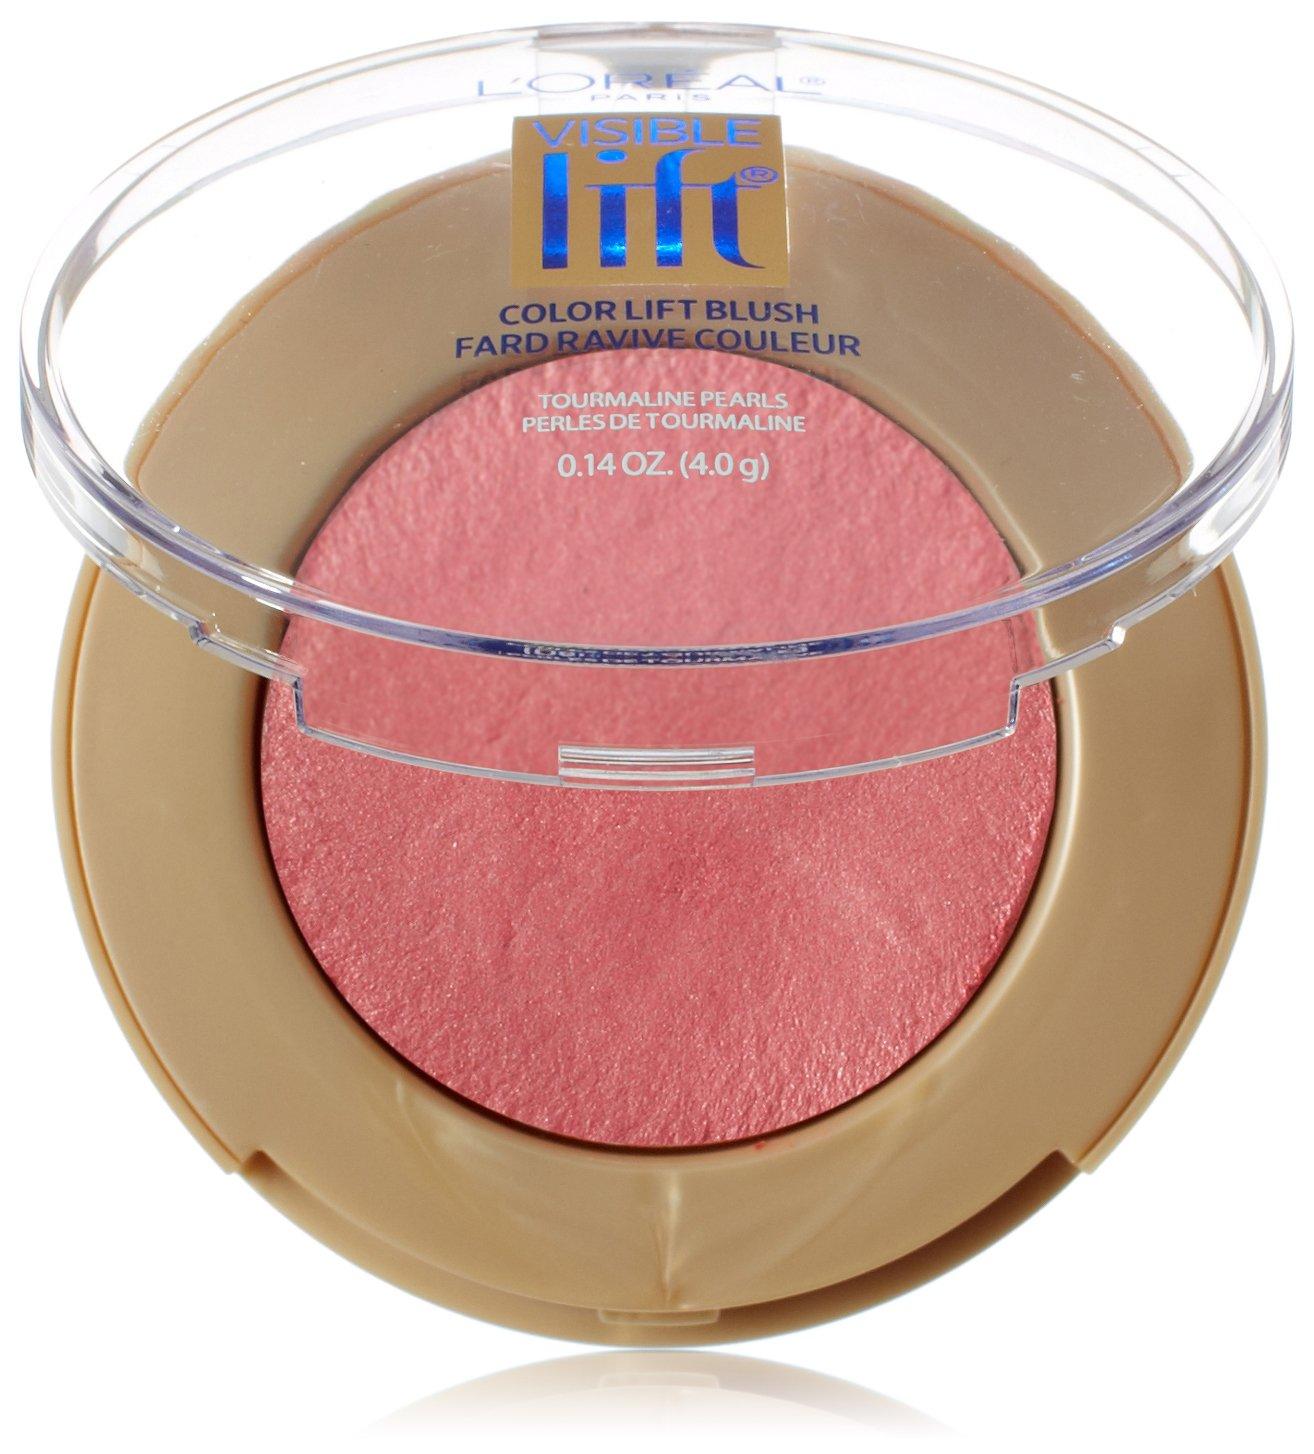 L'Oréal Paris Visible Lift Color Lift Blush, Pink Lift, 0.14 oz.